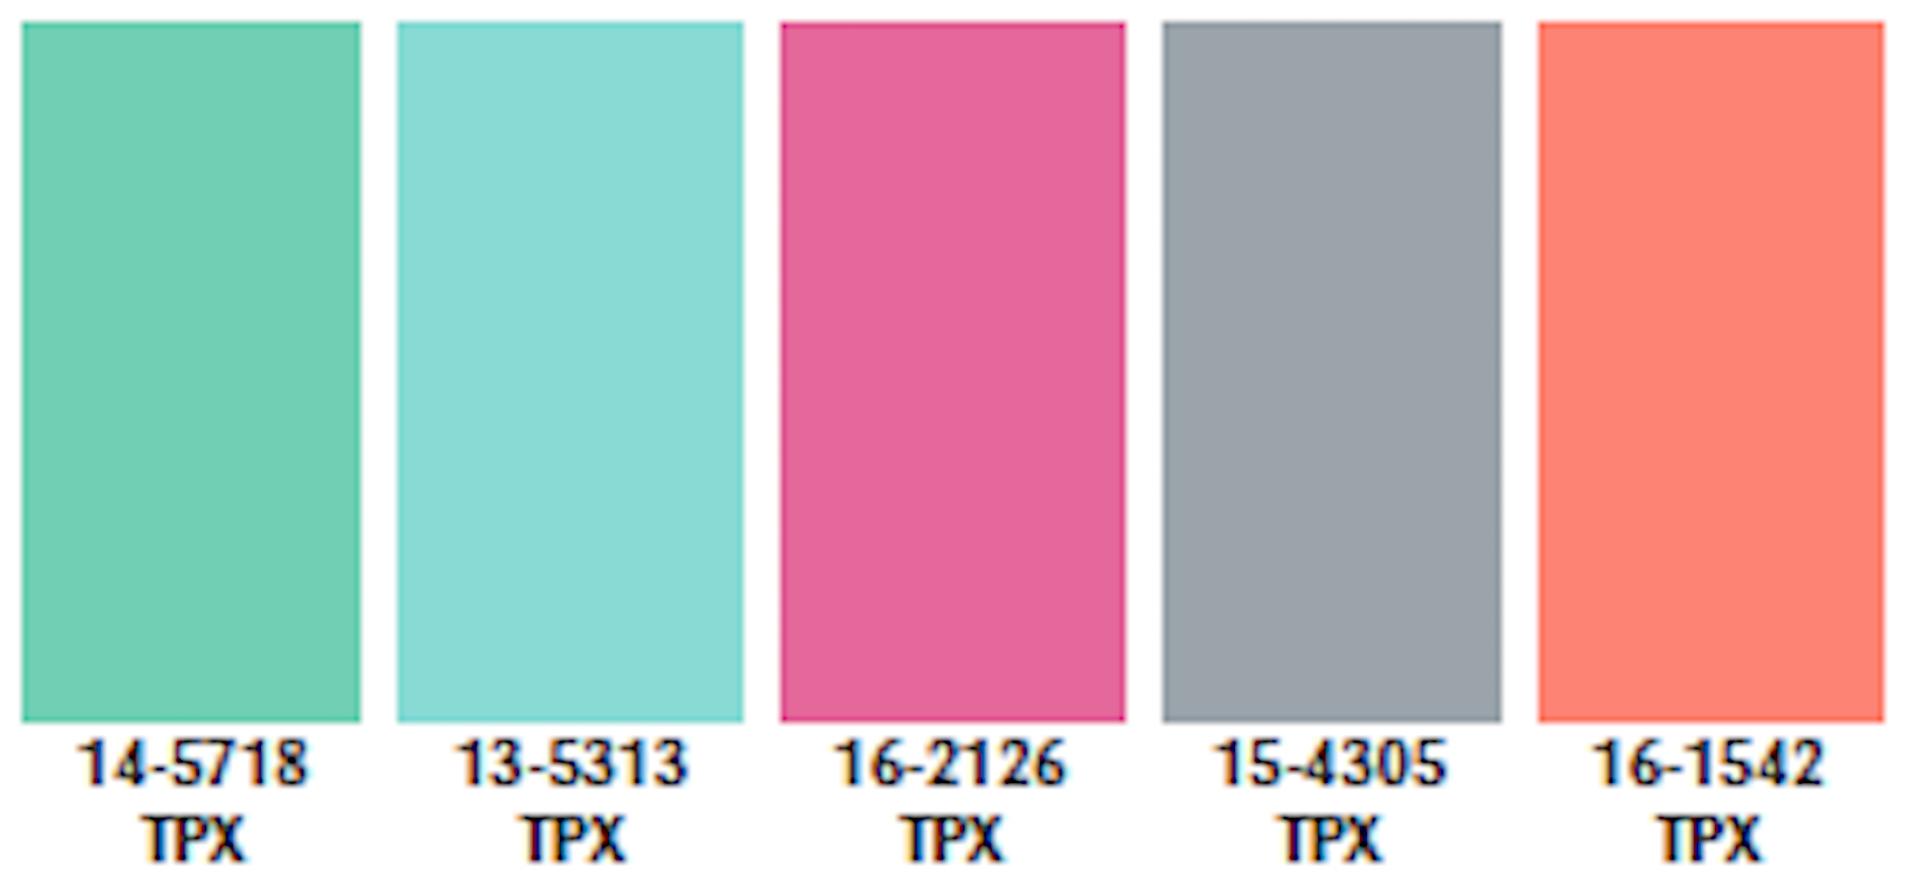 Color Palette Spring/Summer 2021 in 2020 Color trends